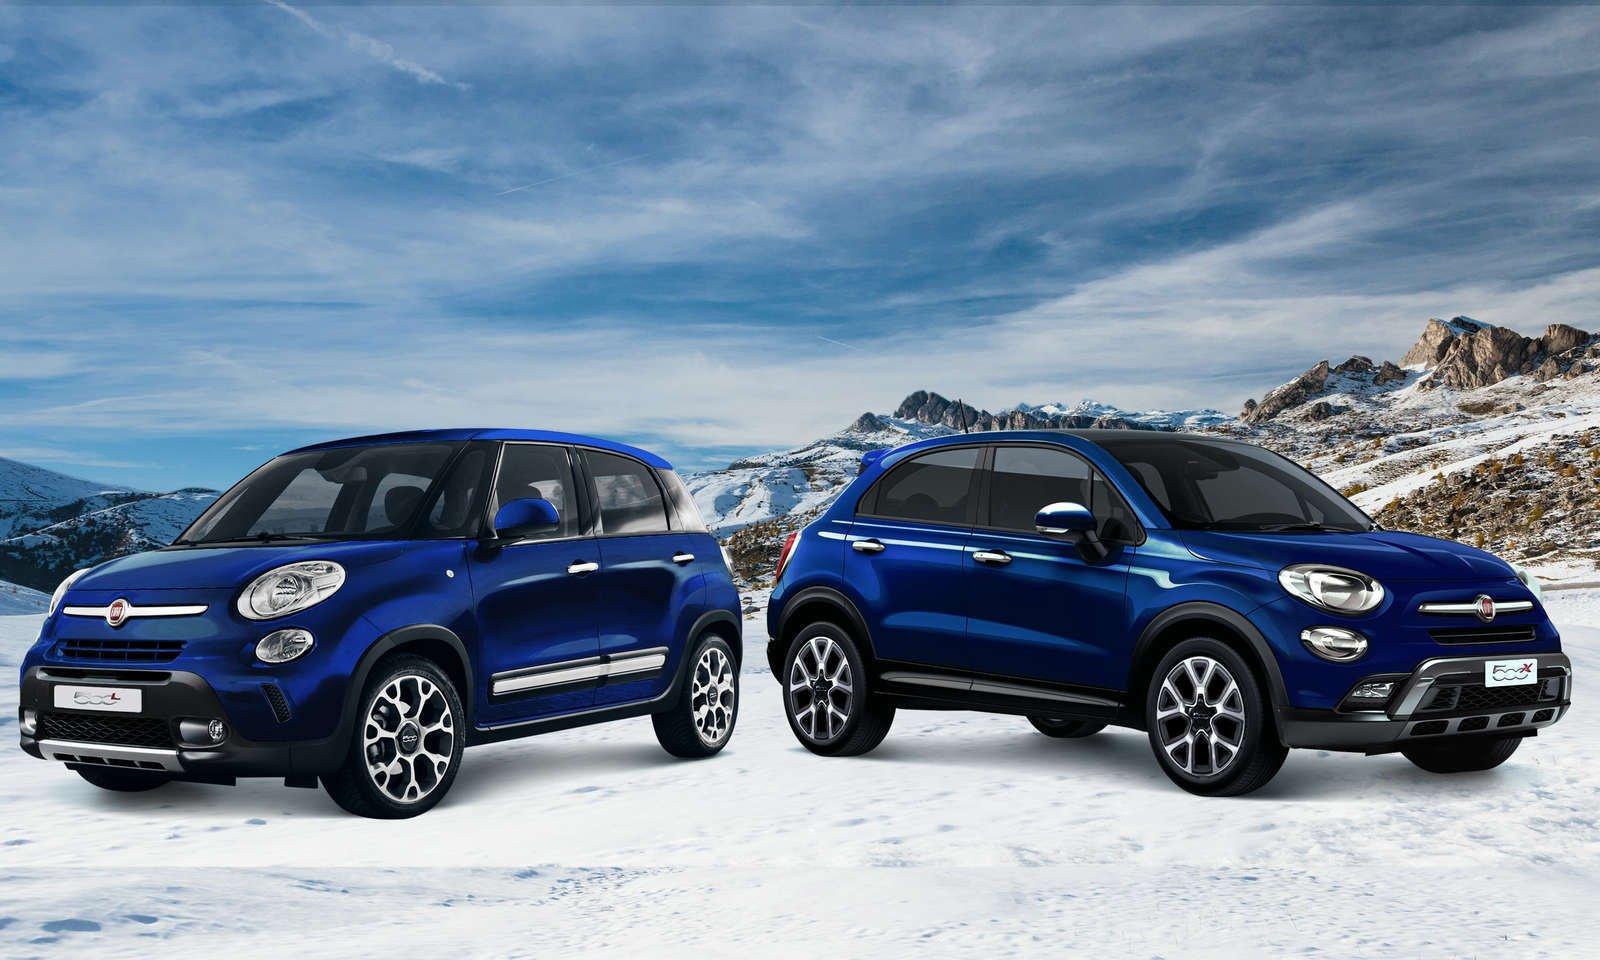 La promozione di Fiat a dicembre è Witner Edition